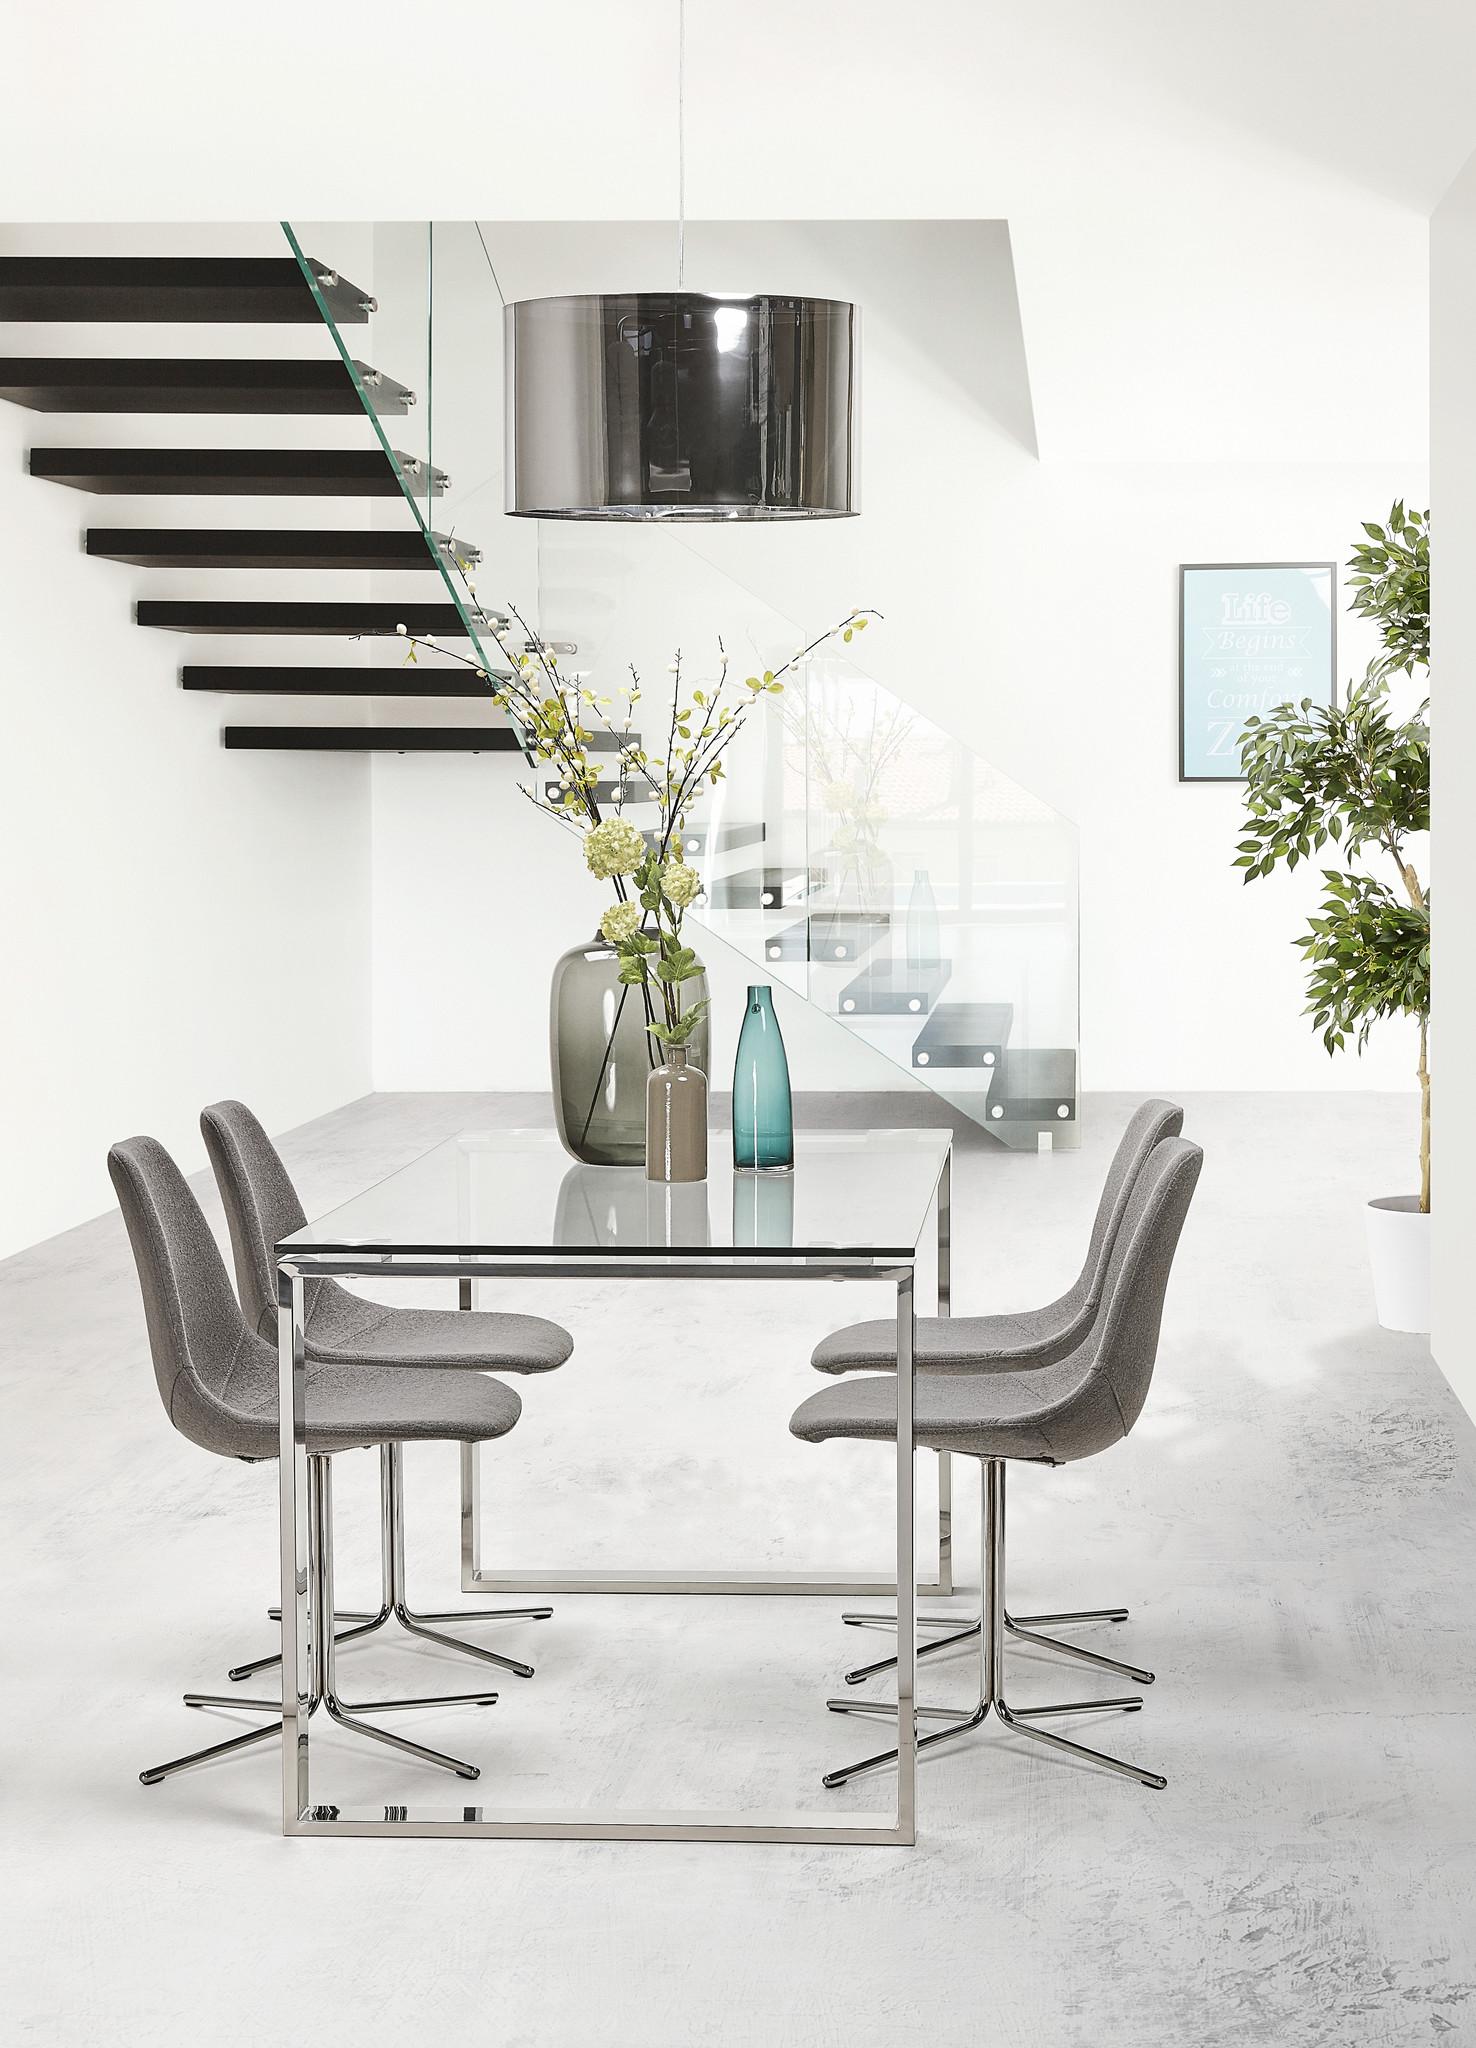 Meubels | Richt je woning in met mooi vormgegeven design meubilair!